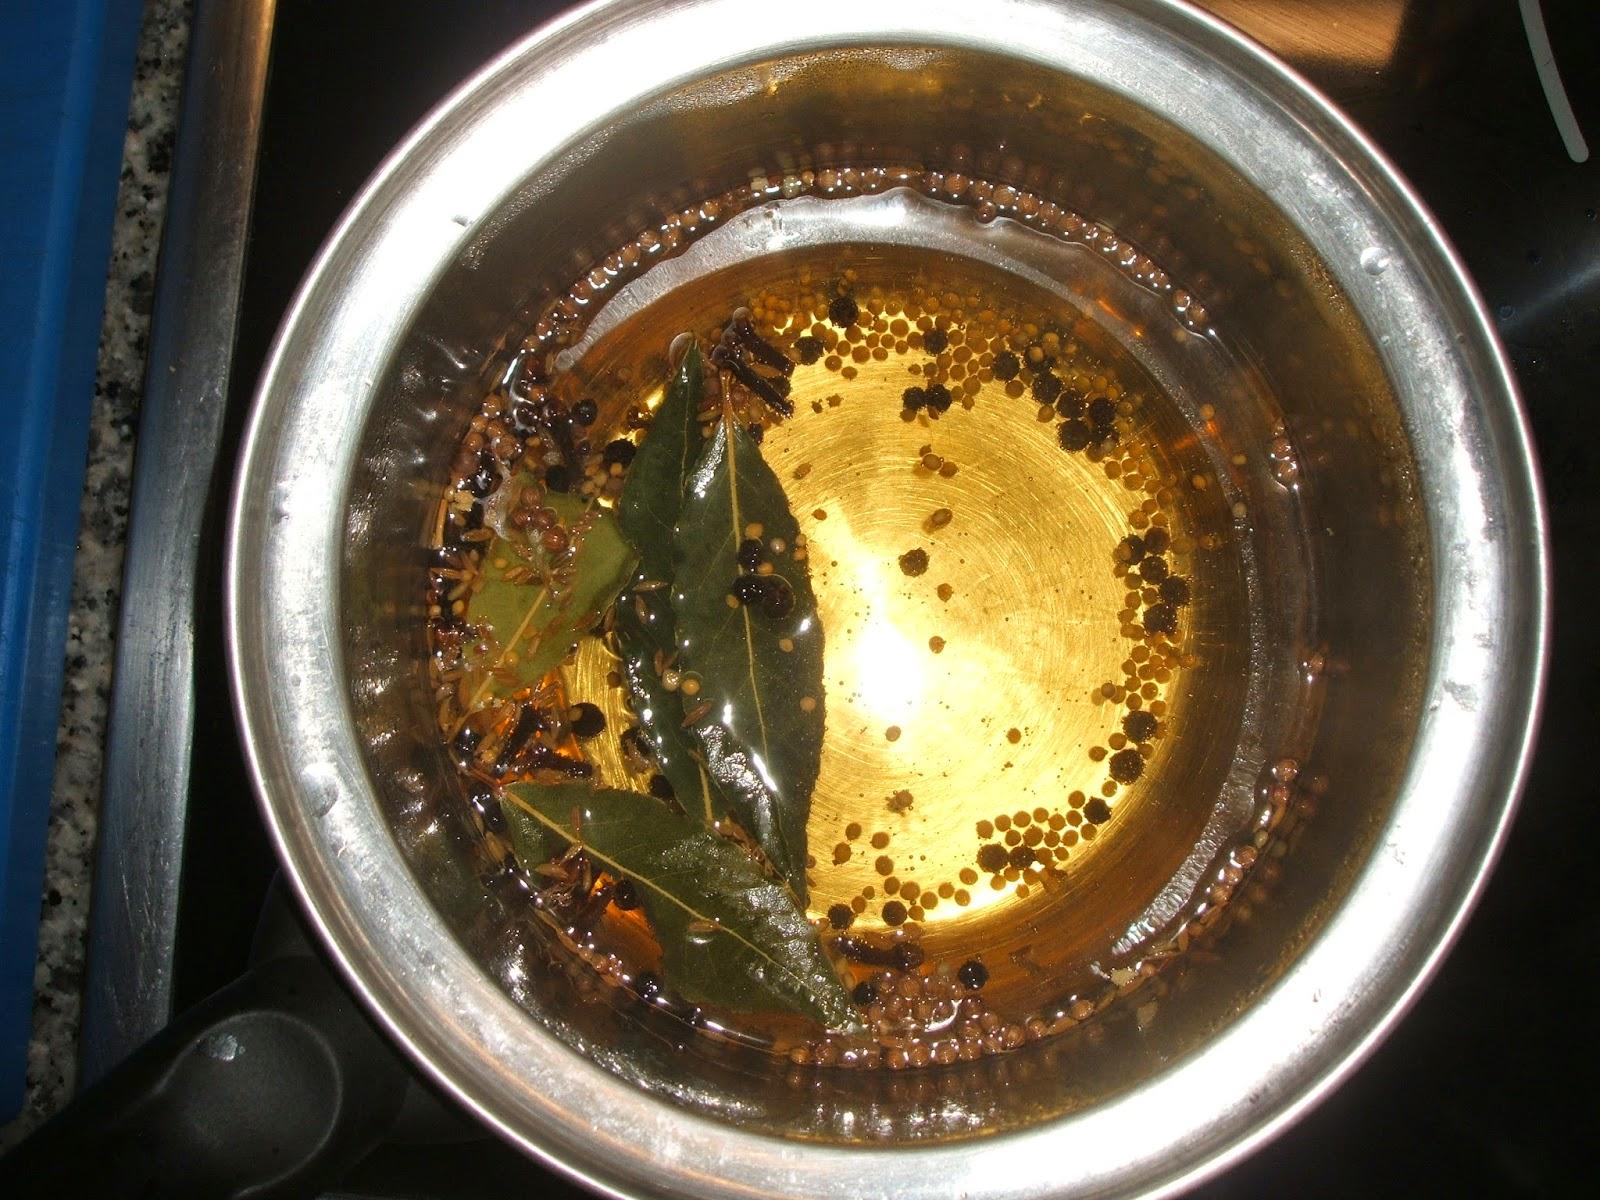 Mariyerbas conserva de lombarda en vinagre - Banos de sal y vinagre ...